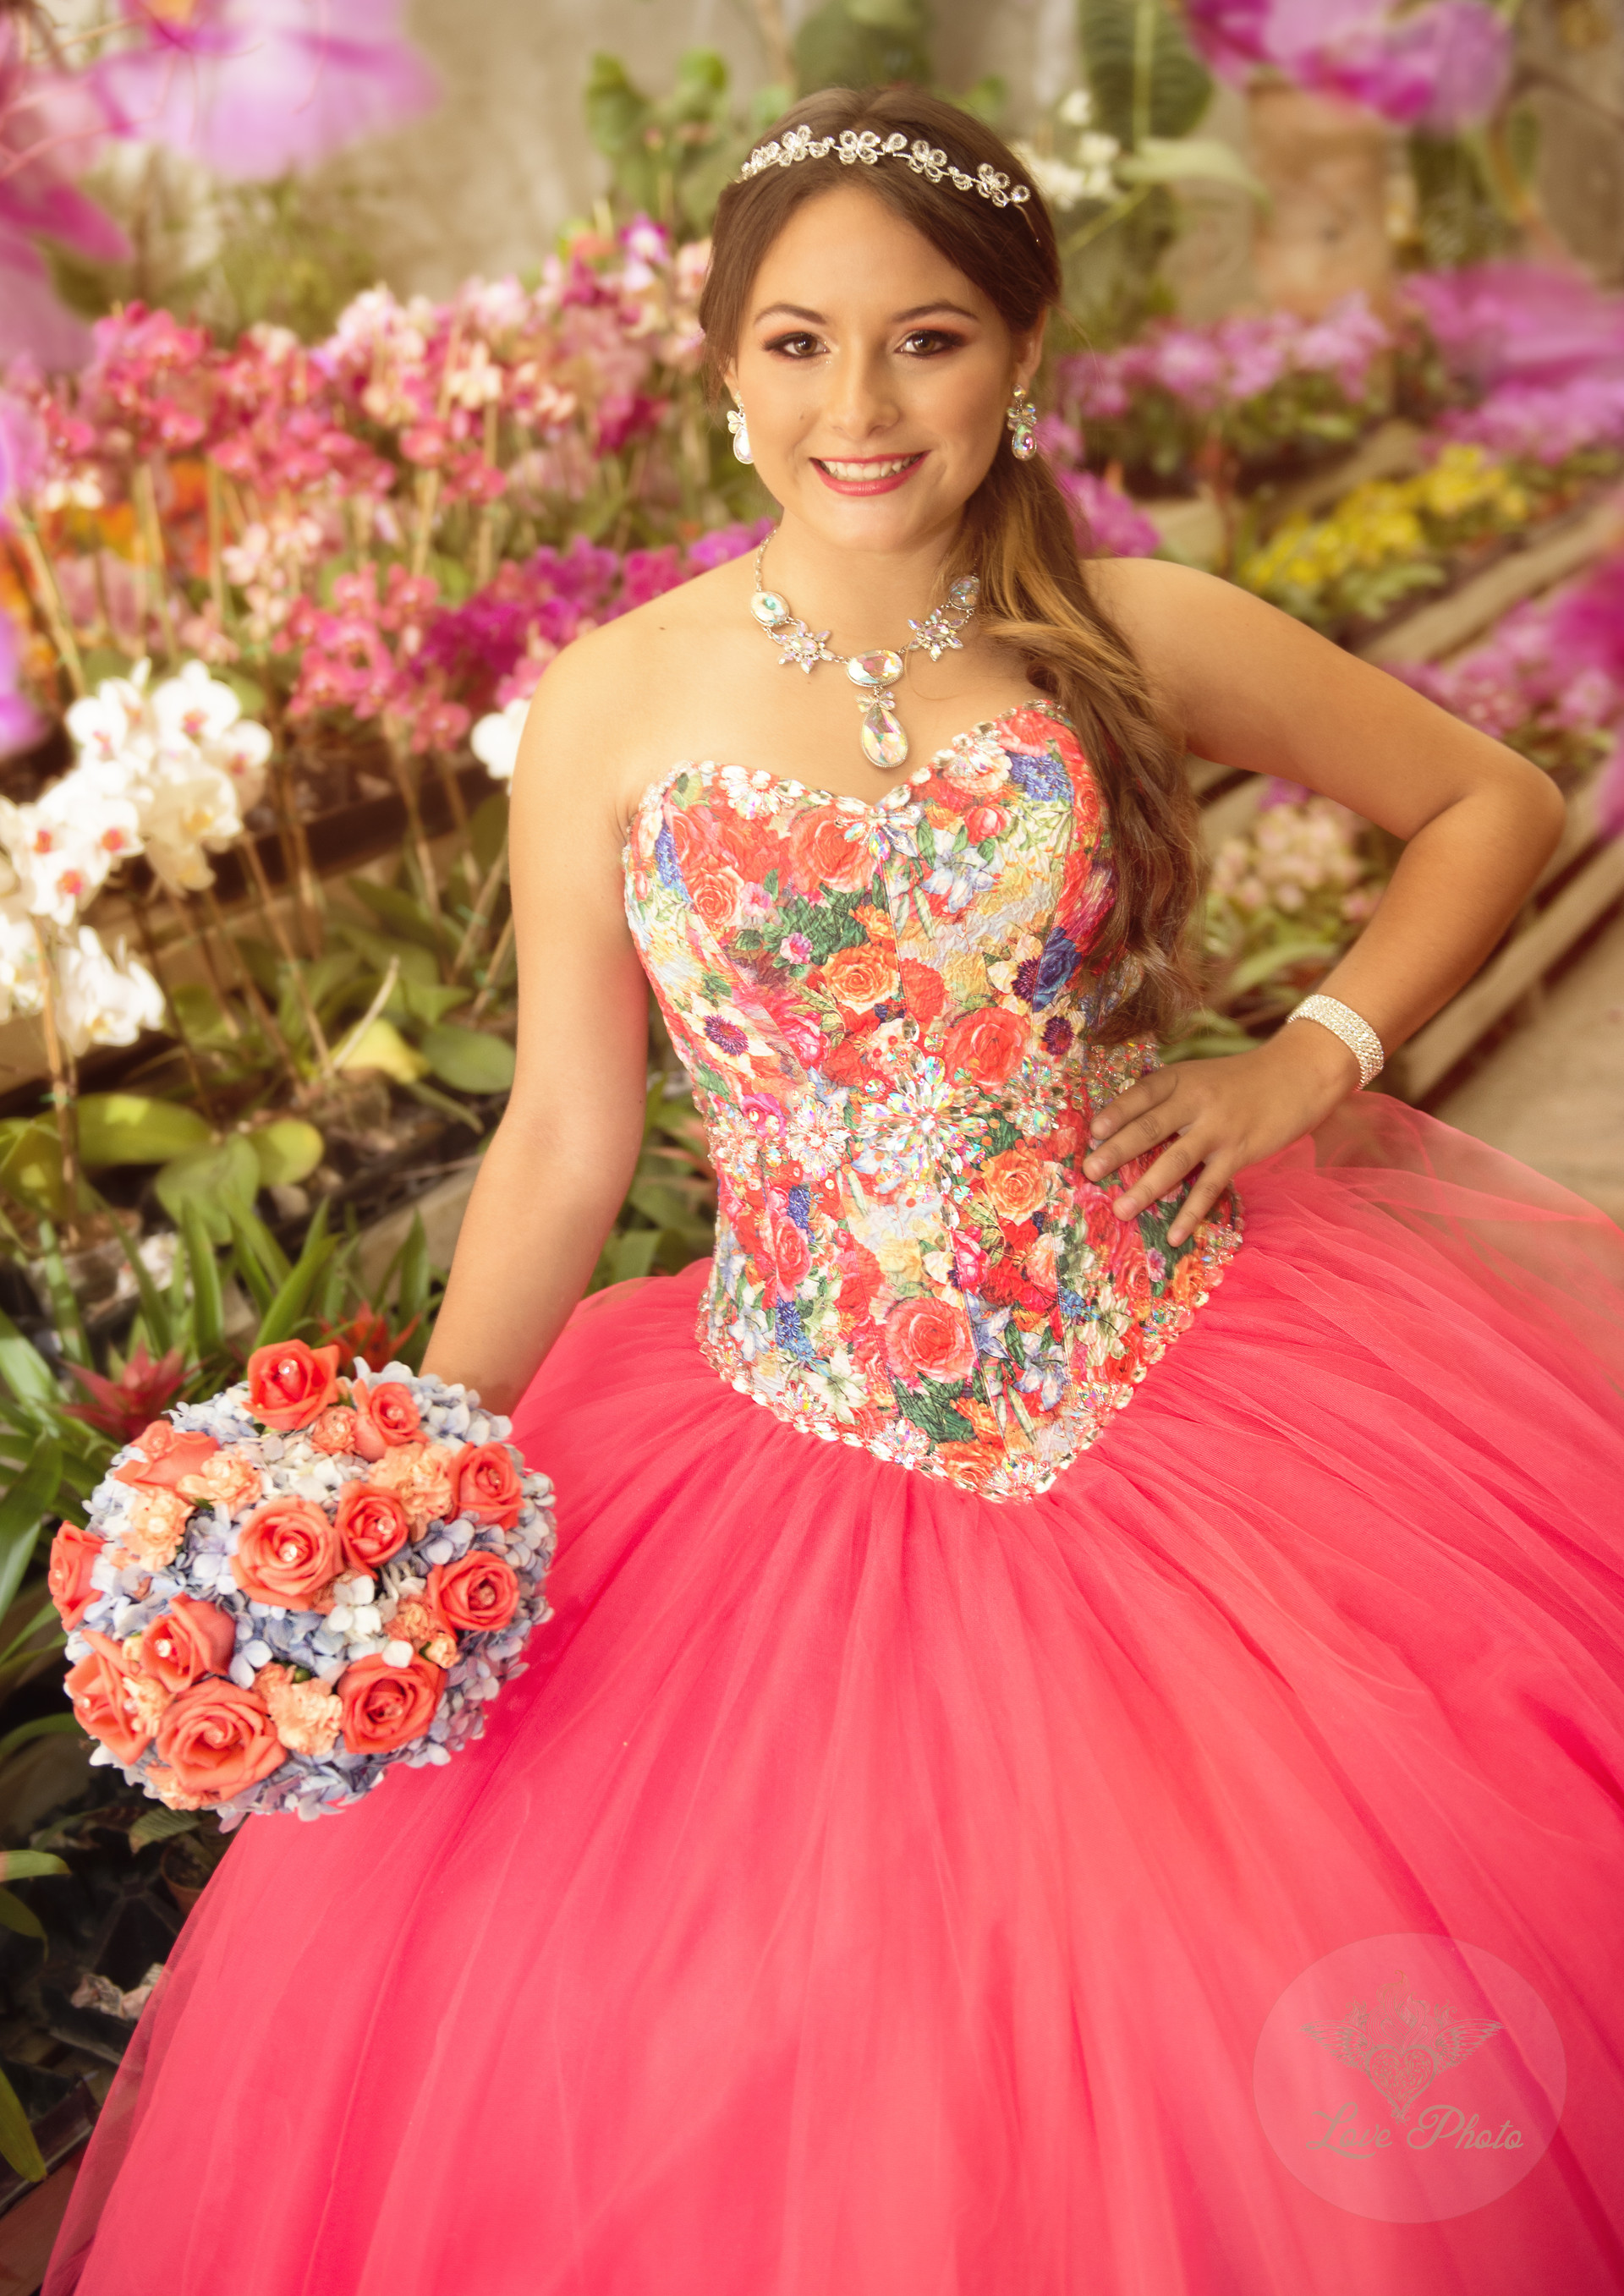 flower-dress(1).jpg